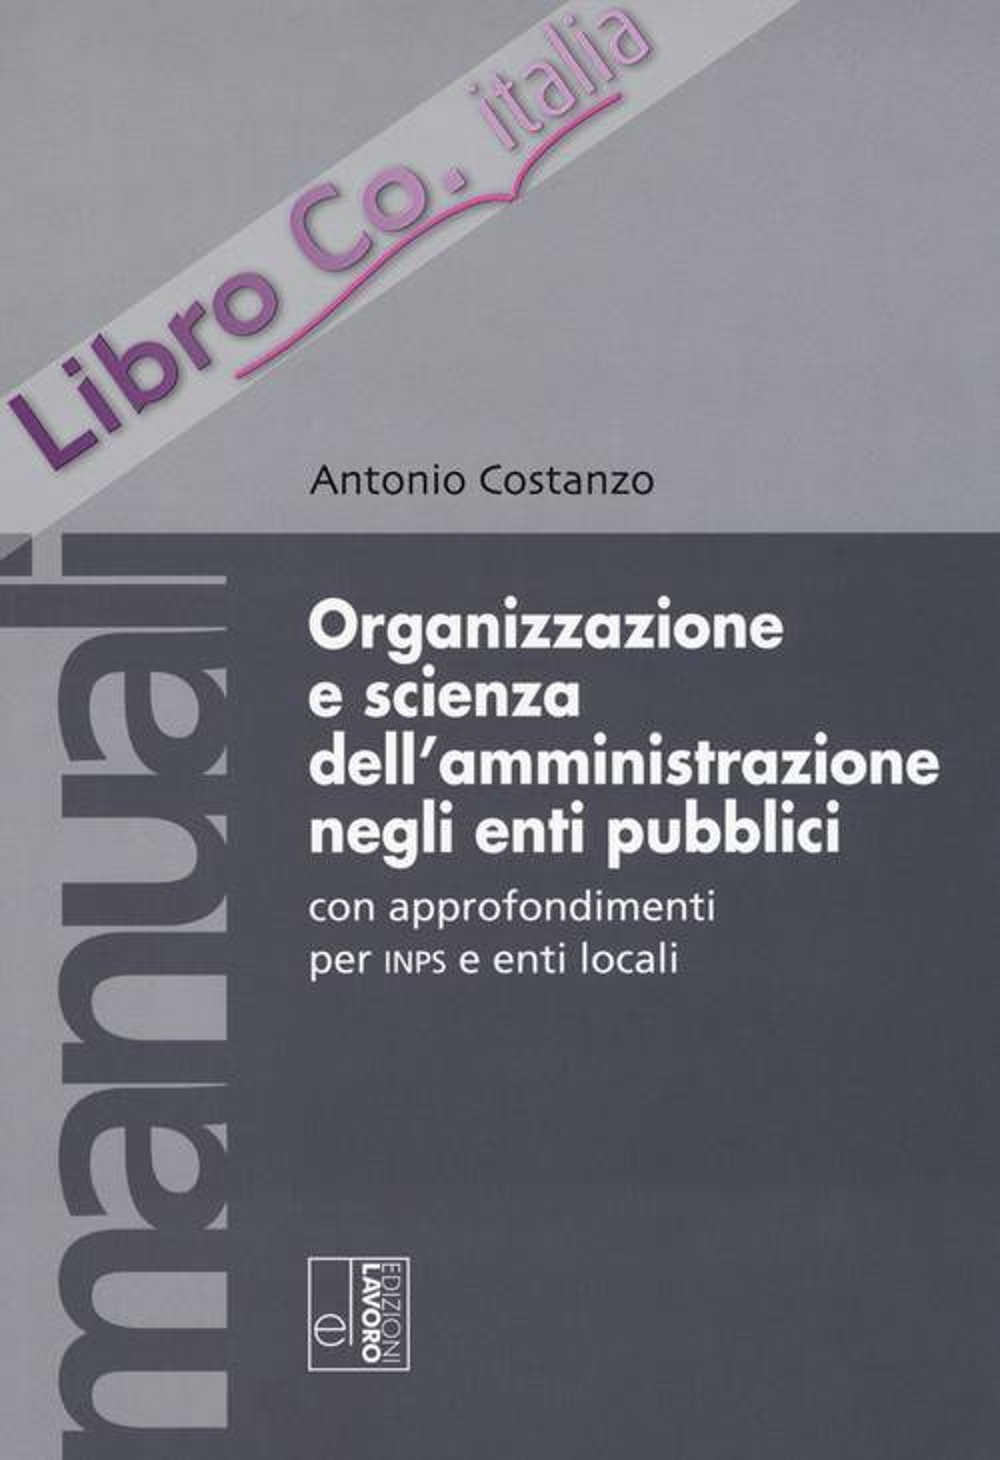 Organizzazione e scienza dell'amministrazione negli enti pubblici con approfondimenti per INPS e enti locali